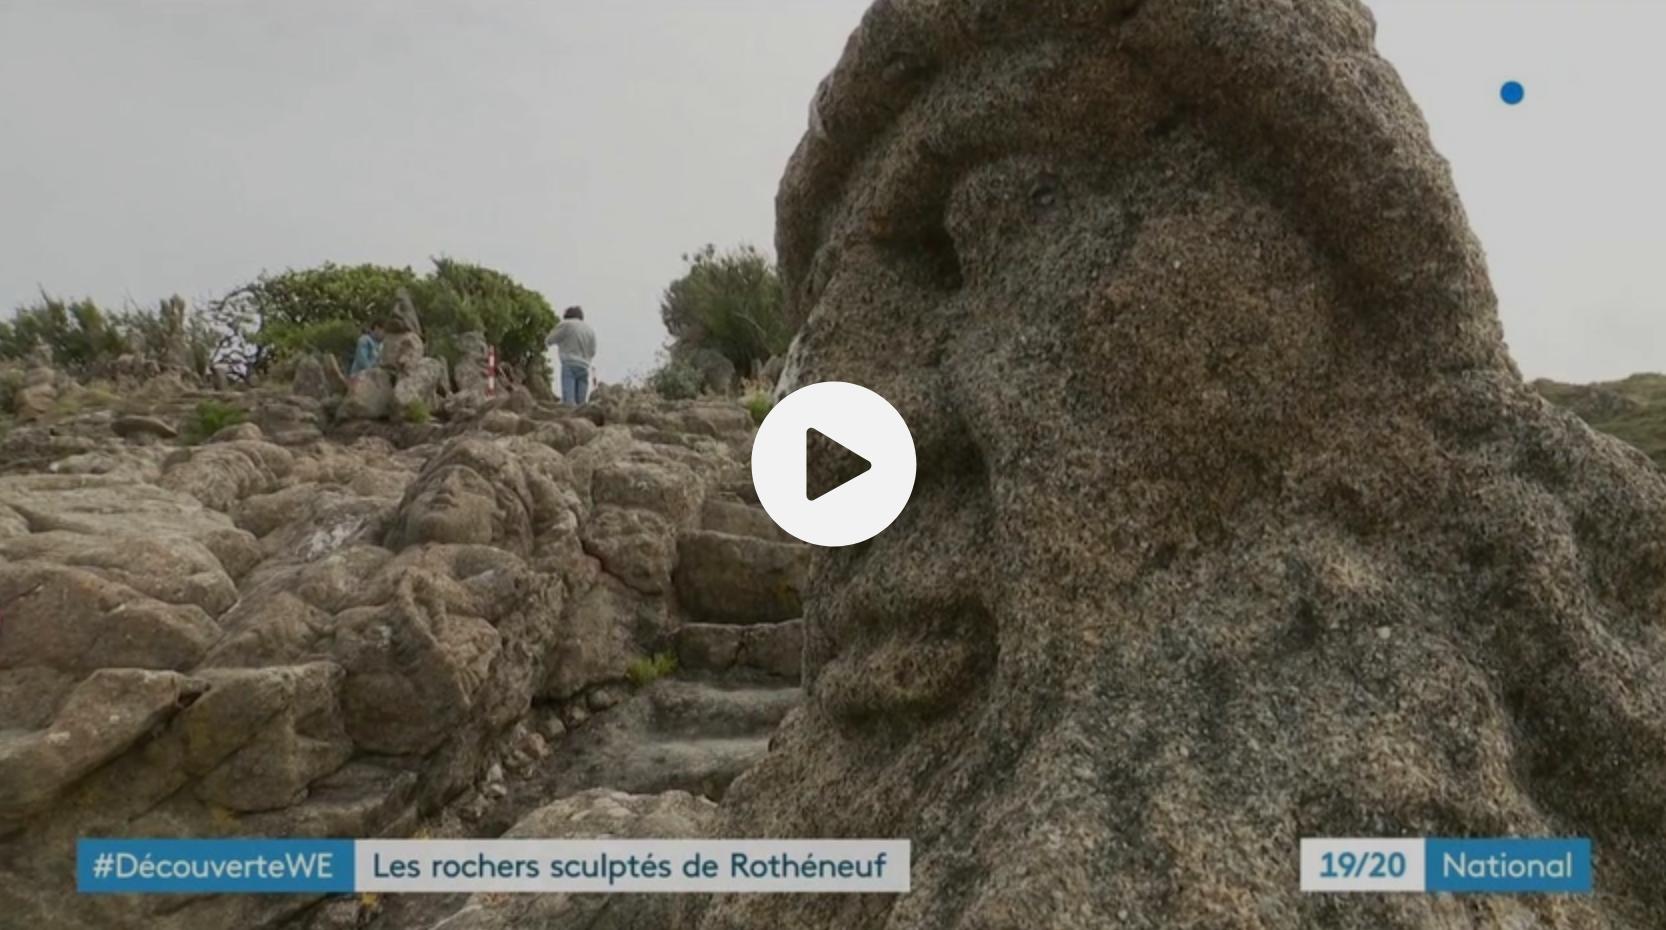 Les rochers sculptés de Rothnéneuf (DÉCOUVERTE)